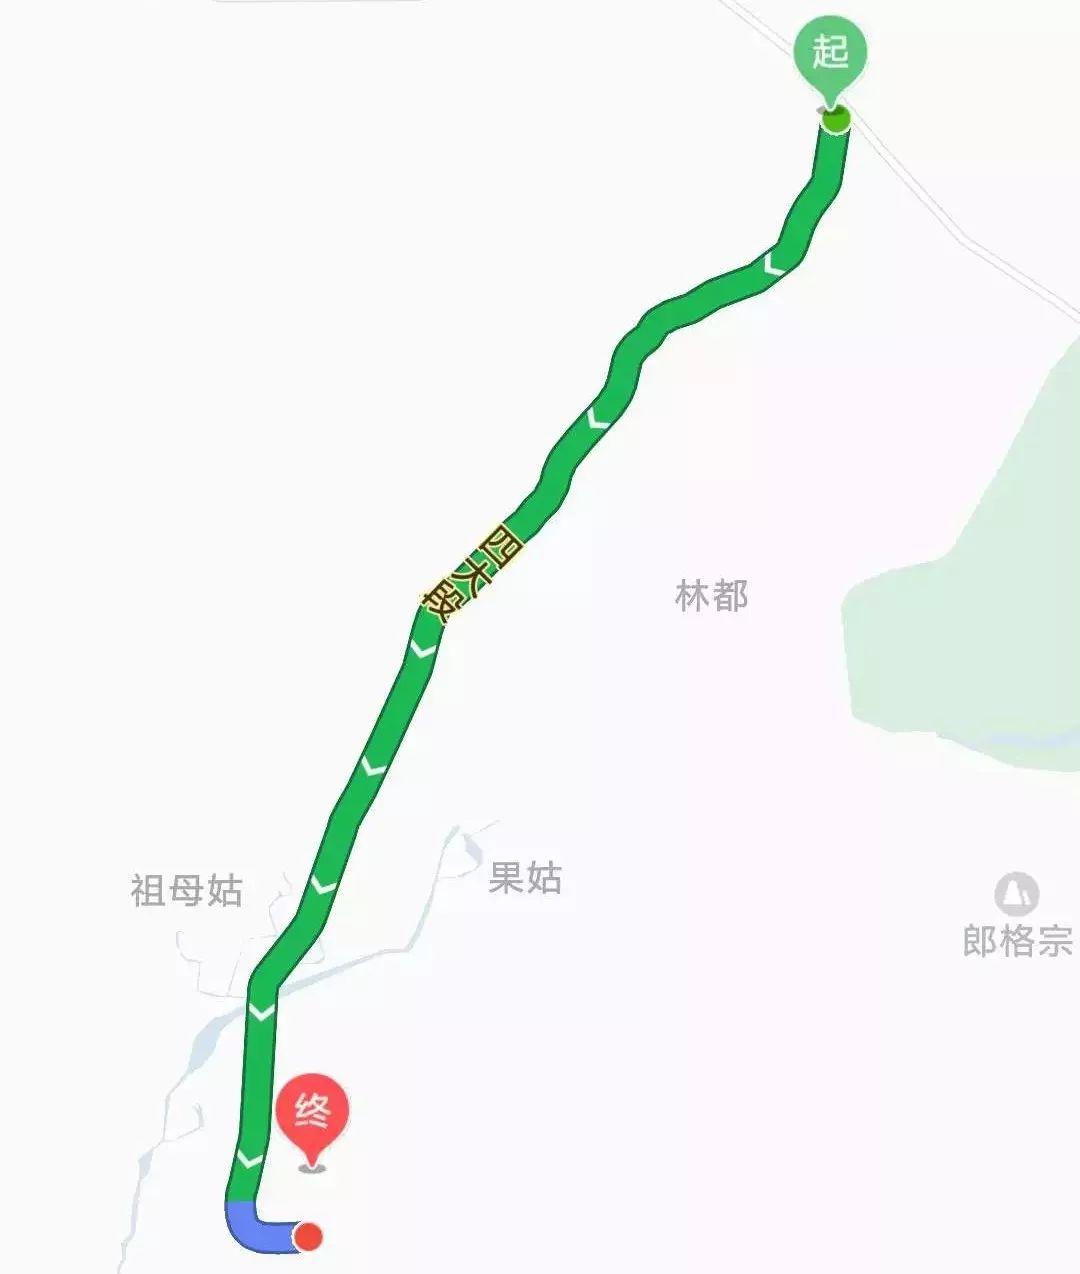 三天感受香格里拉的神秘与雄浑 | 大美中国